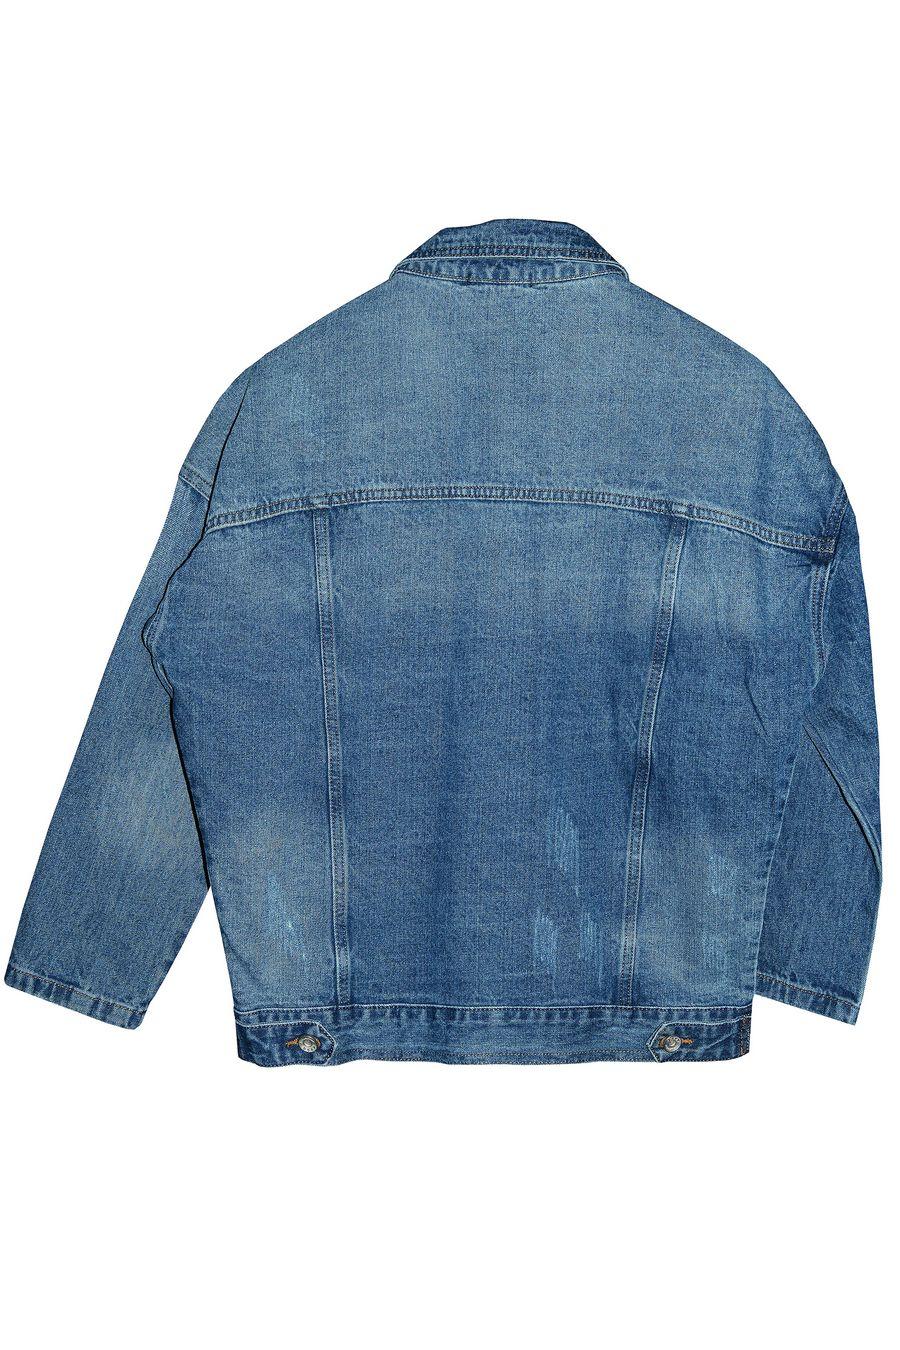 Пиджак женский (джинсовка) Blue Coco 119 - фото 2